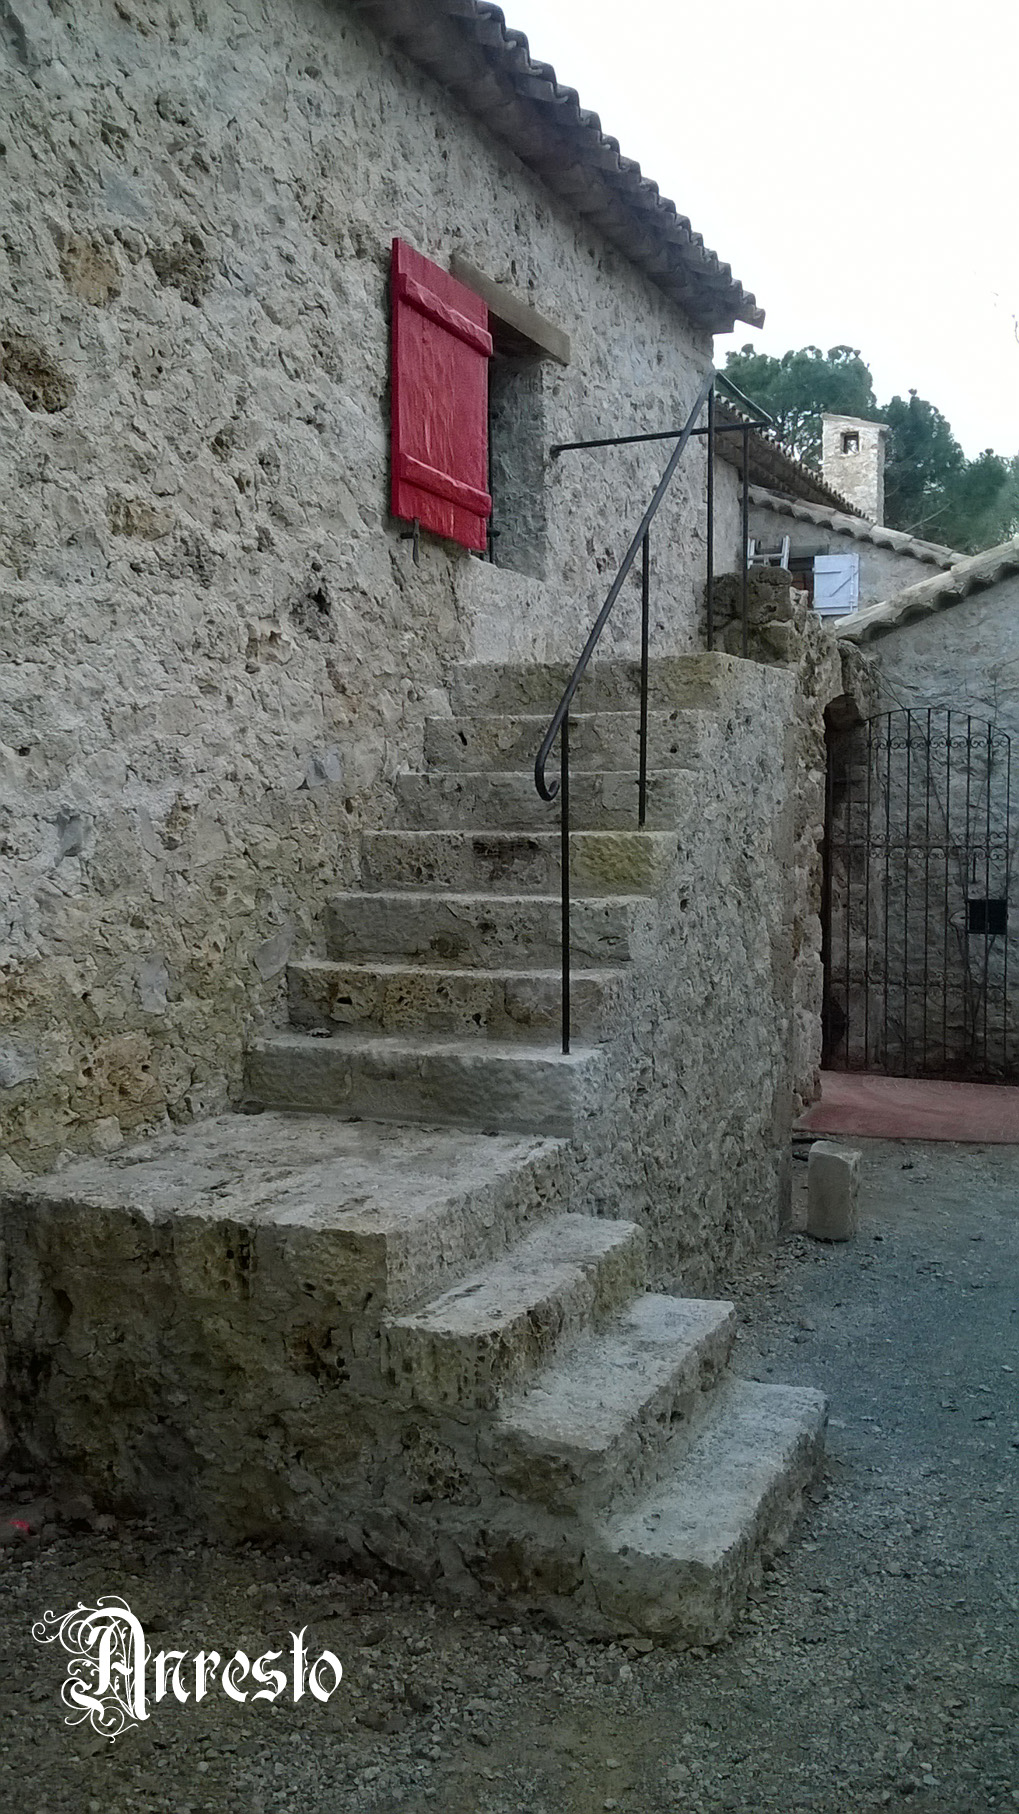 Ref. 17 - Antieke bouwmaterialen, oude historische bouwmaterialen